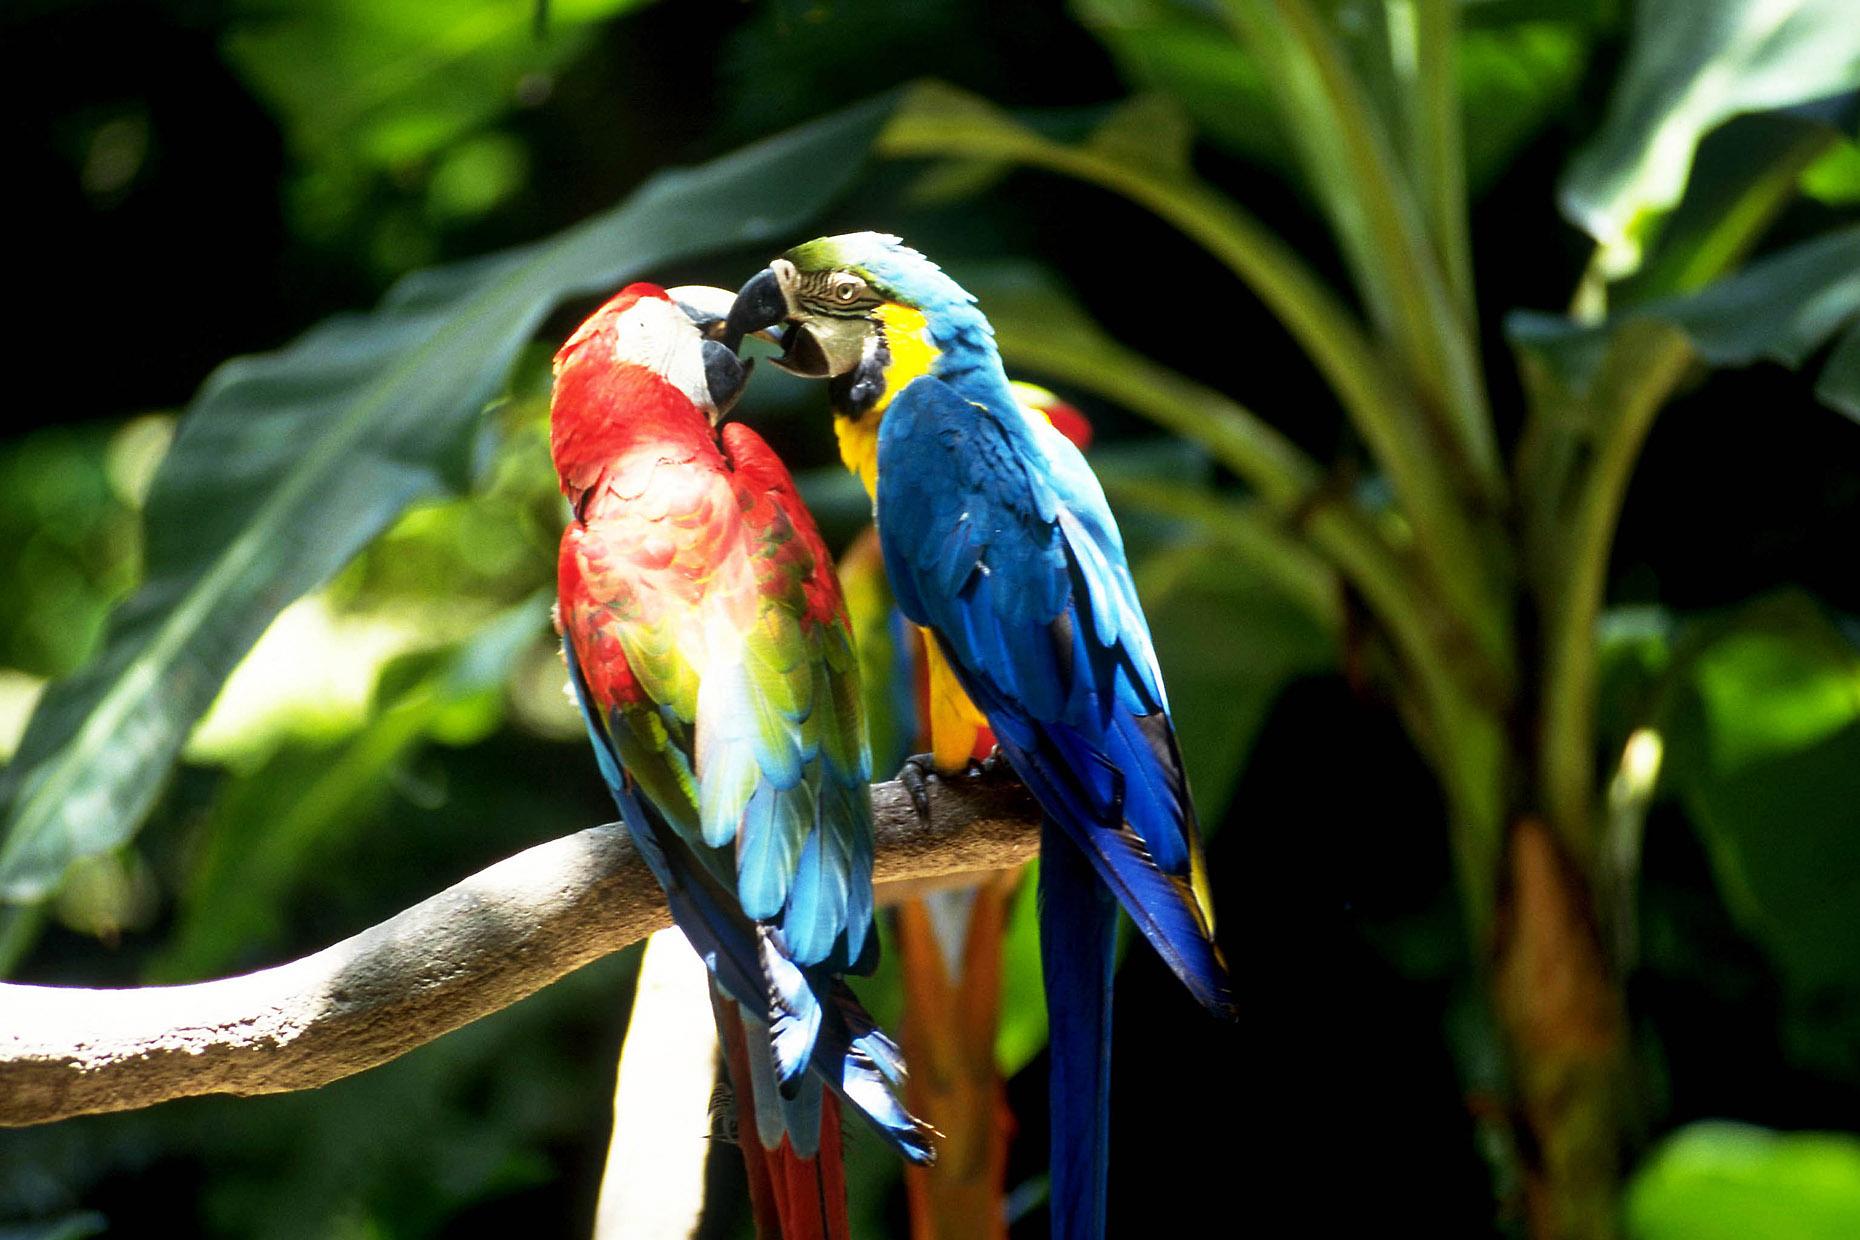 【夢占い診断】鳥を捕まえる夢、鳥が飛ぶ夢、攻撃される夢など鳥の夢の意味